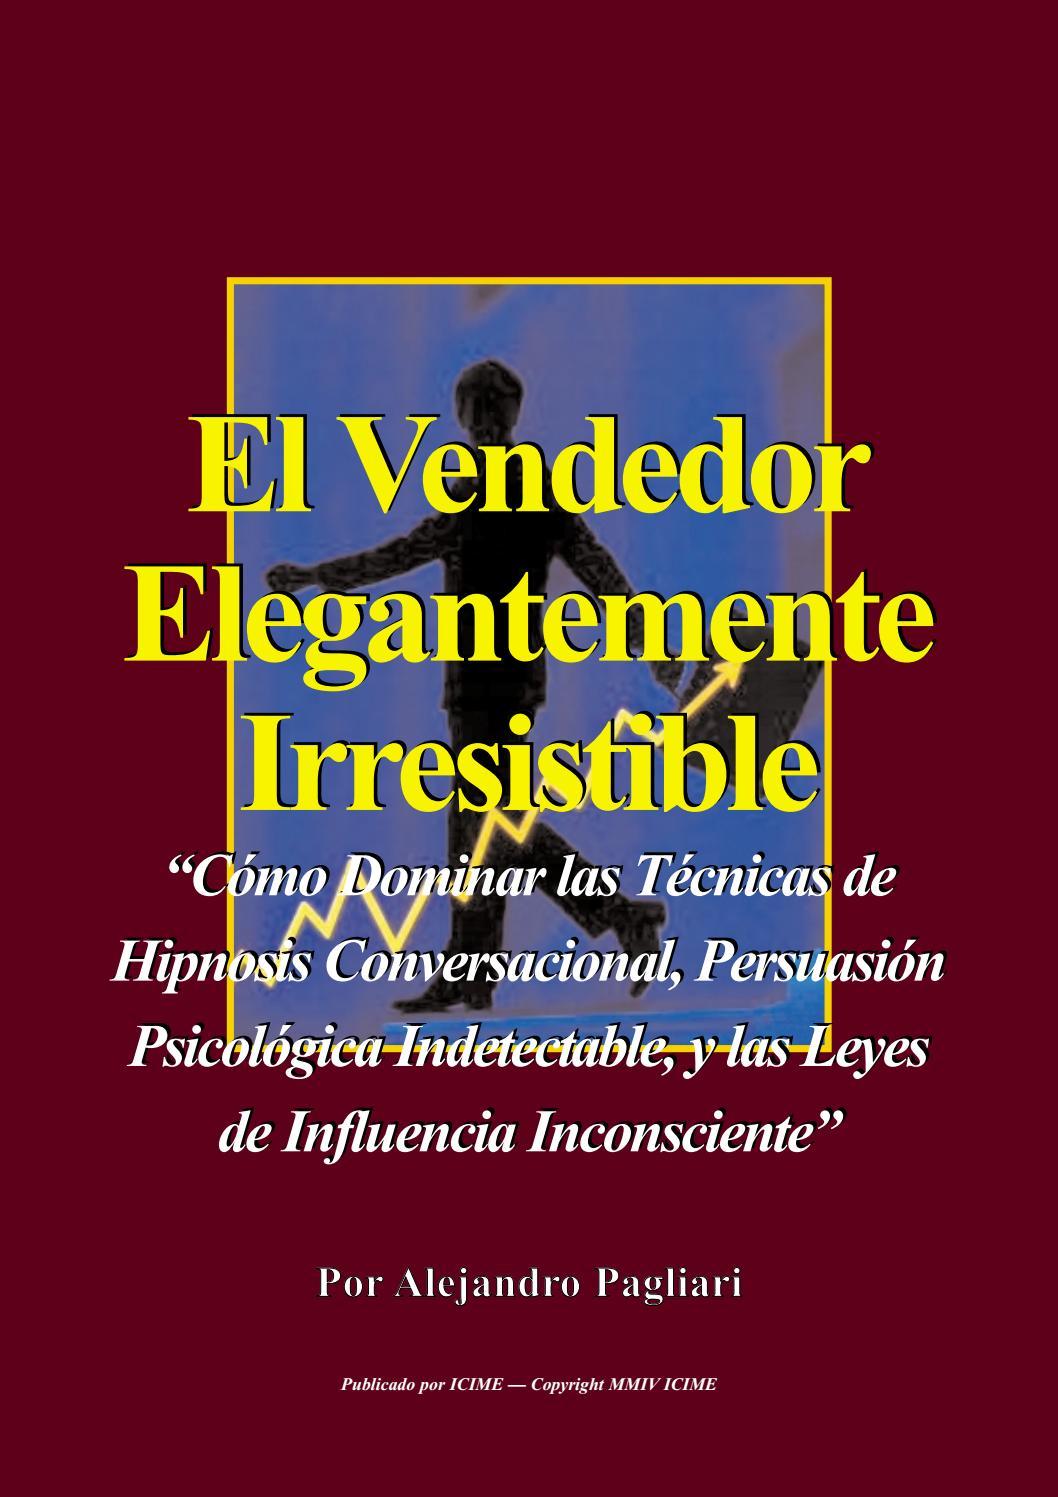 (7) el vendedor elegantemente irresistible alejandro plagiari[1] by filemon  blas - issuu